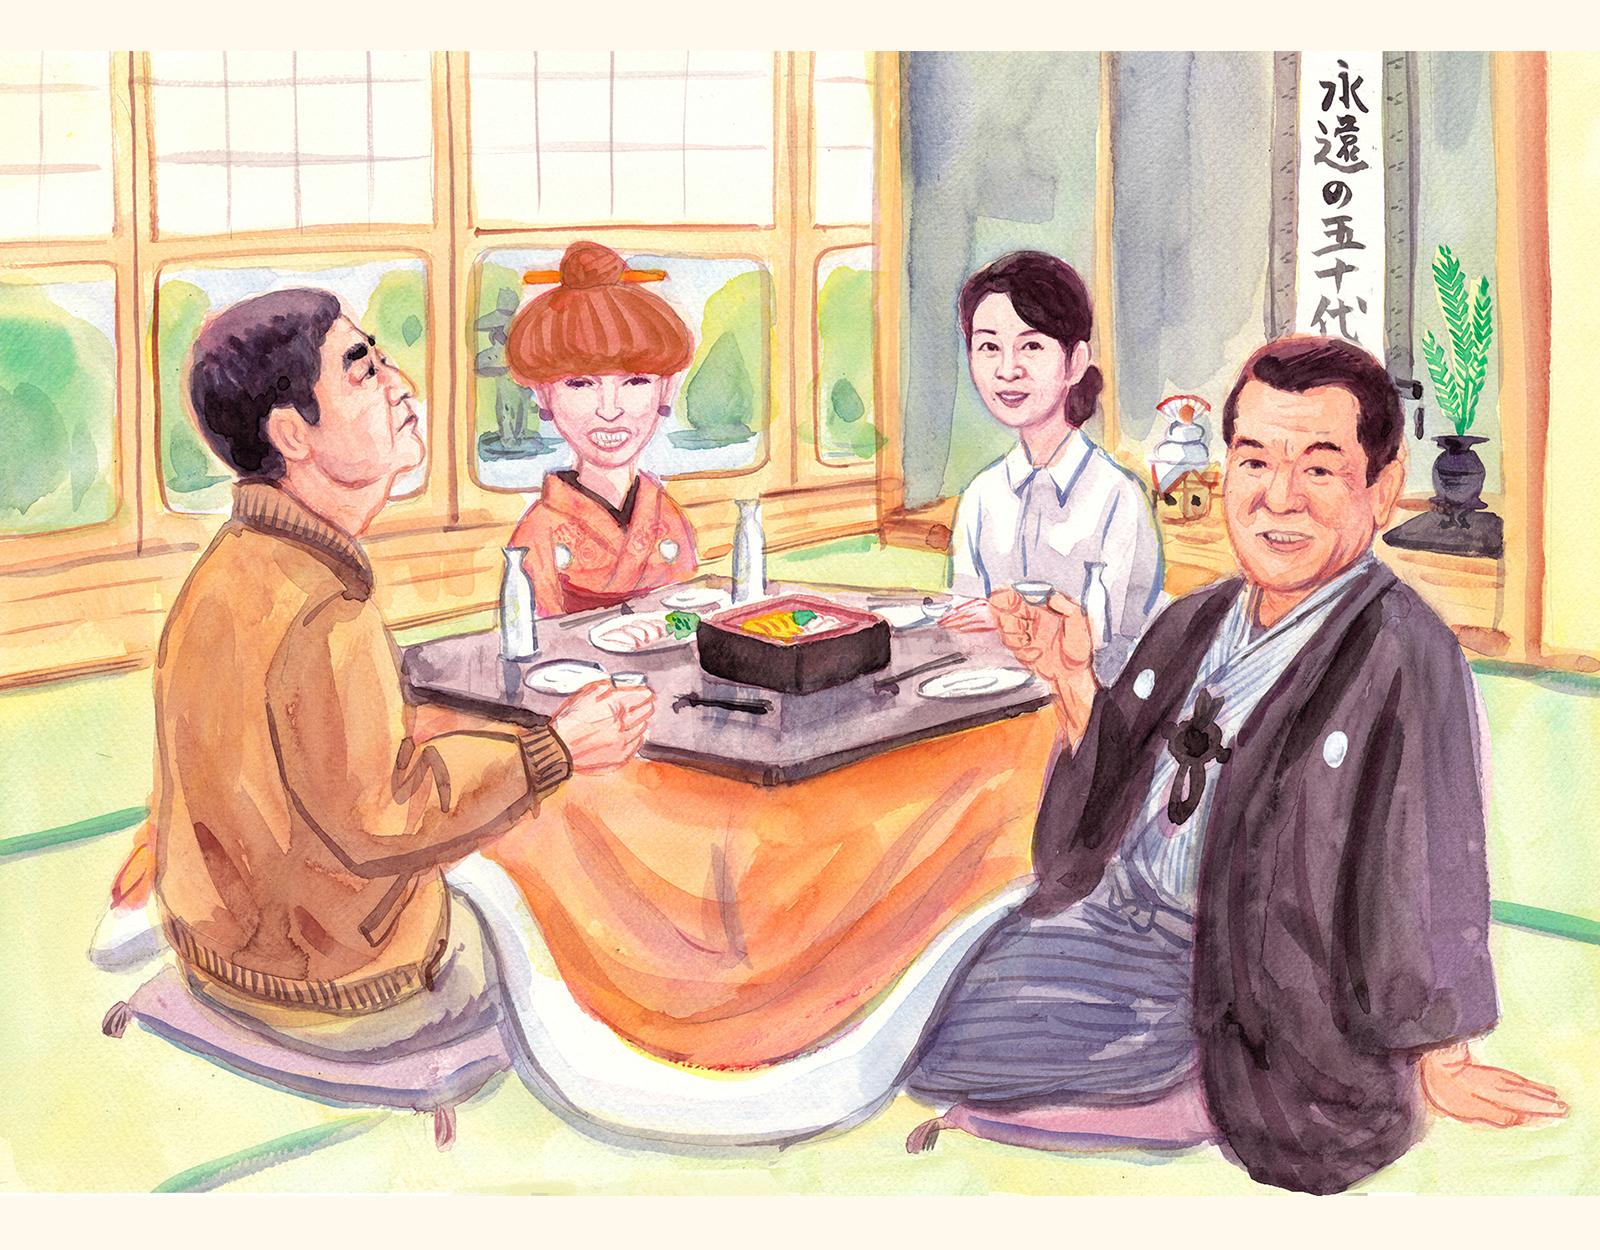 高倉健吉永小百合黒柳徹子加山雄三